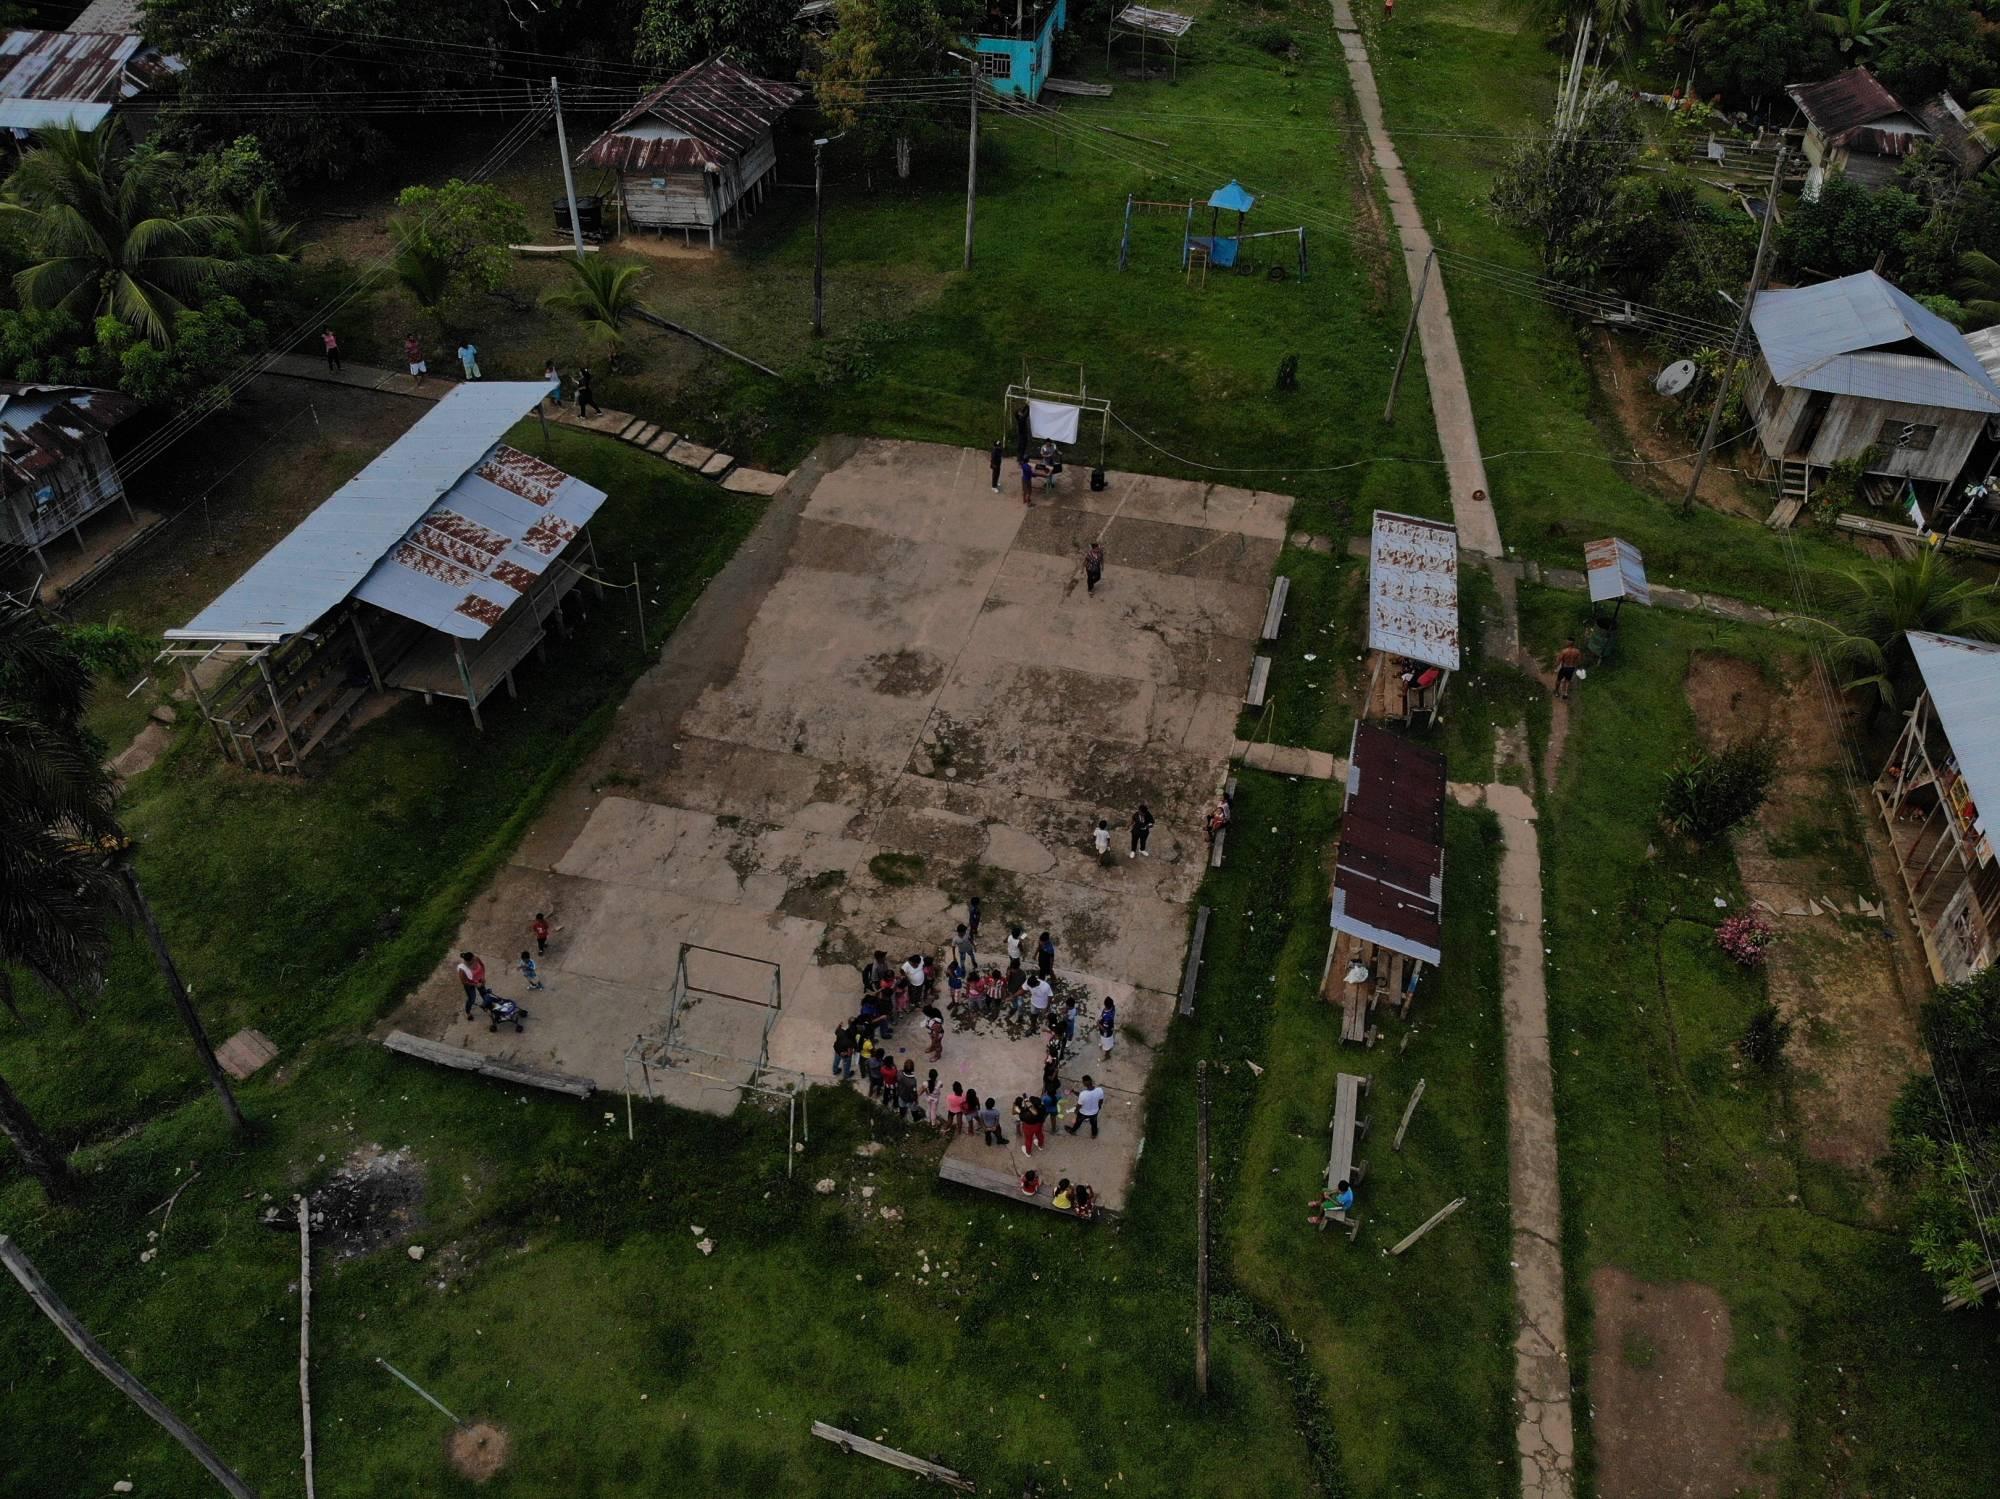 Cancha de la comunidad indígena de Loretoyaco